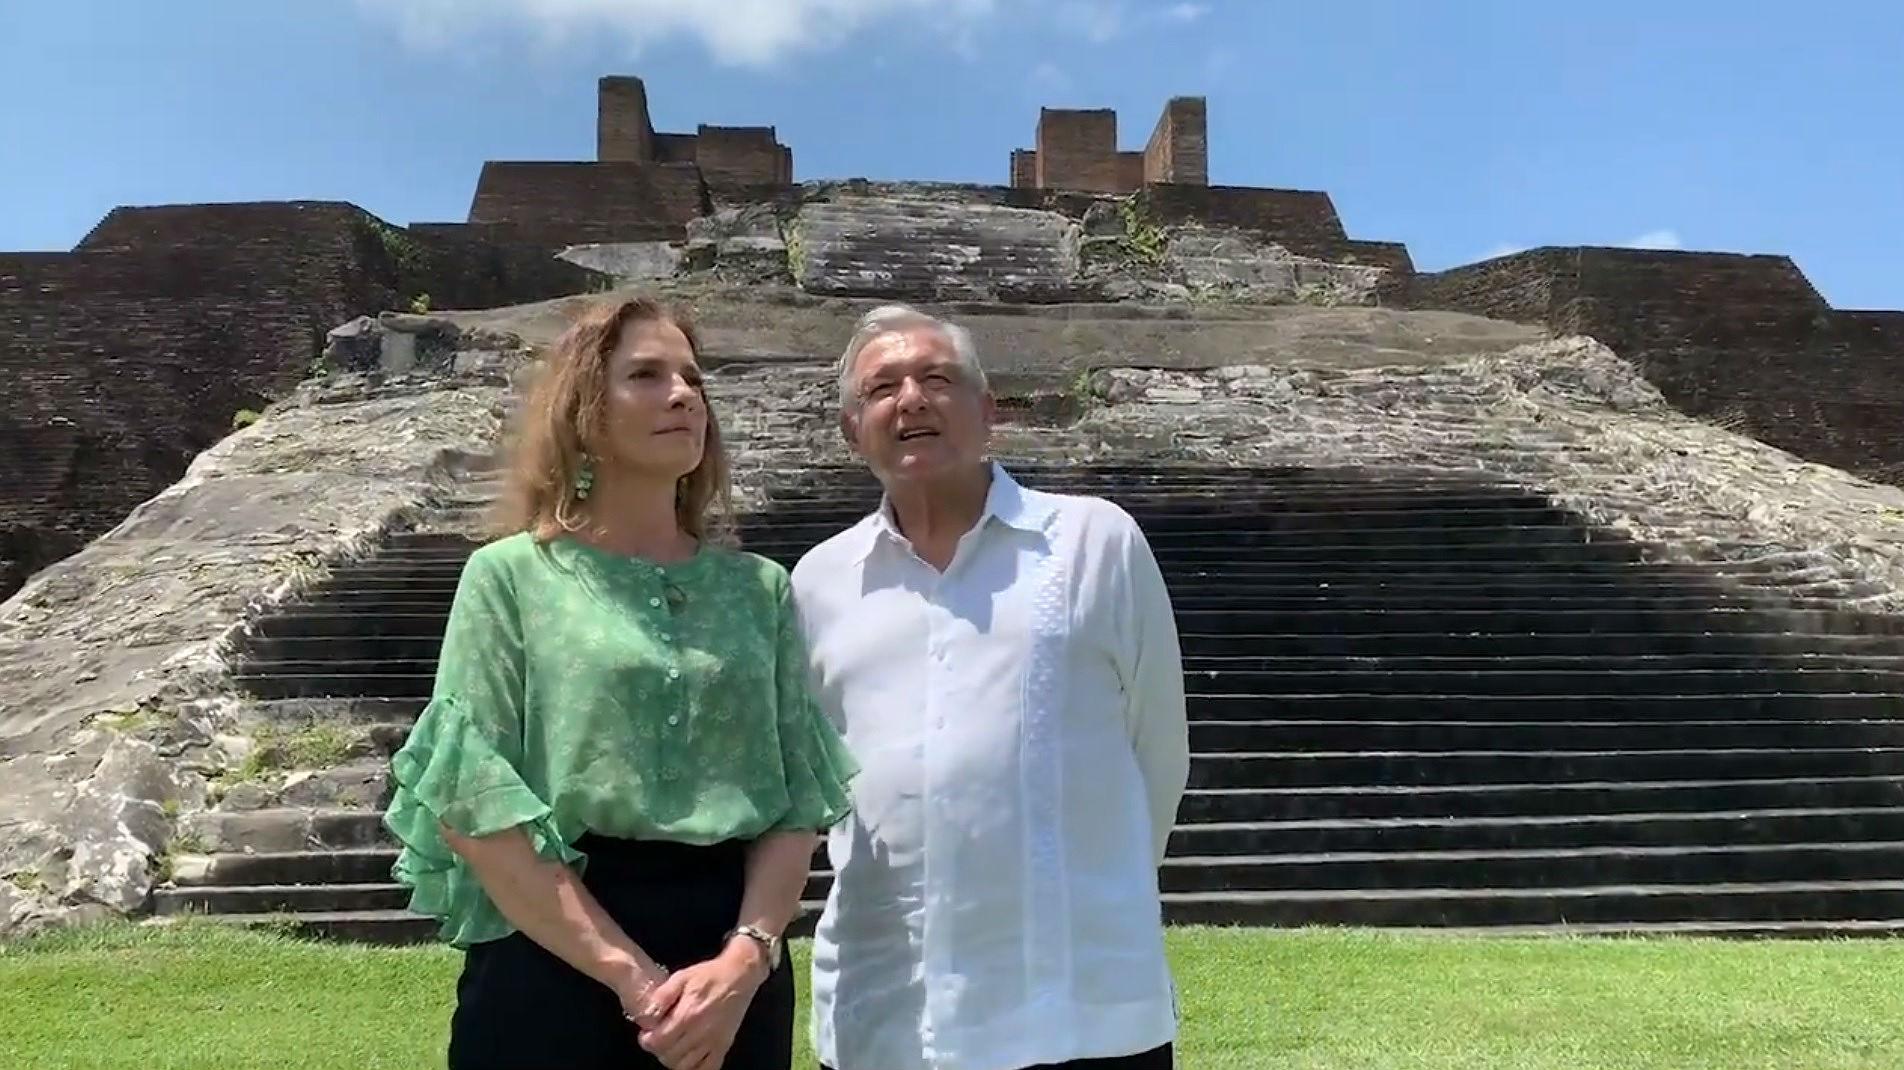 Fragmento del vídeo en el que López Obrador, junto a su mujer, explica que ha escrito al rey de España para que se disculpe por los abusos de la conquista